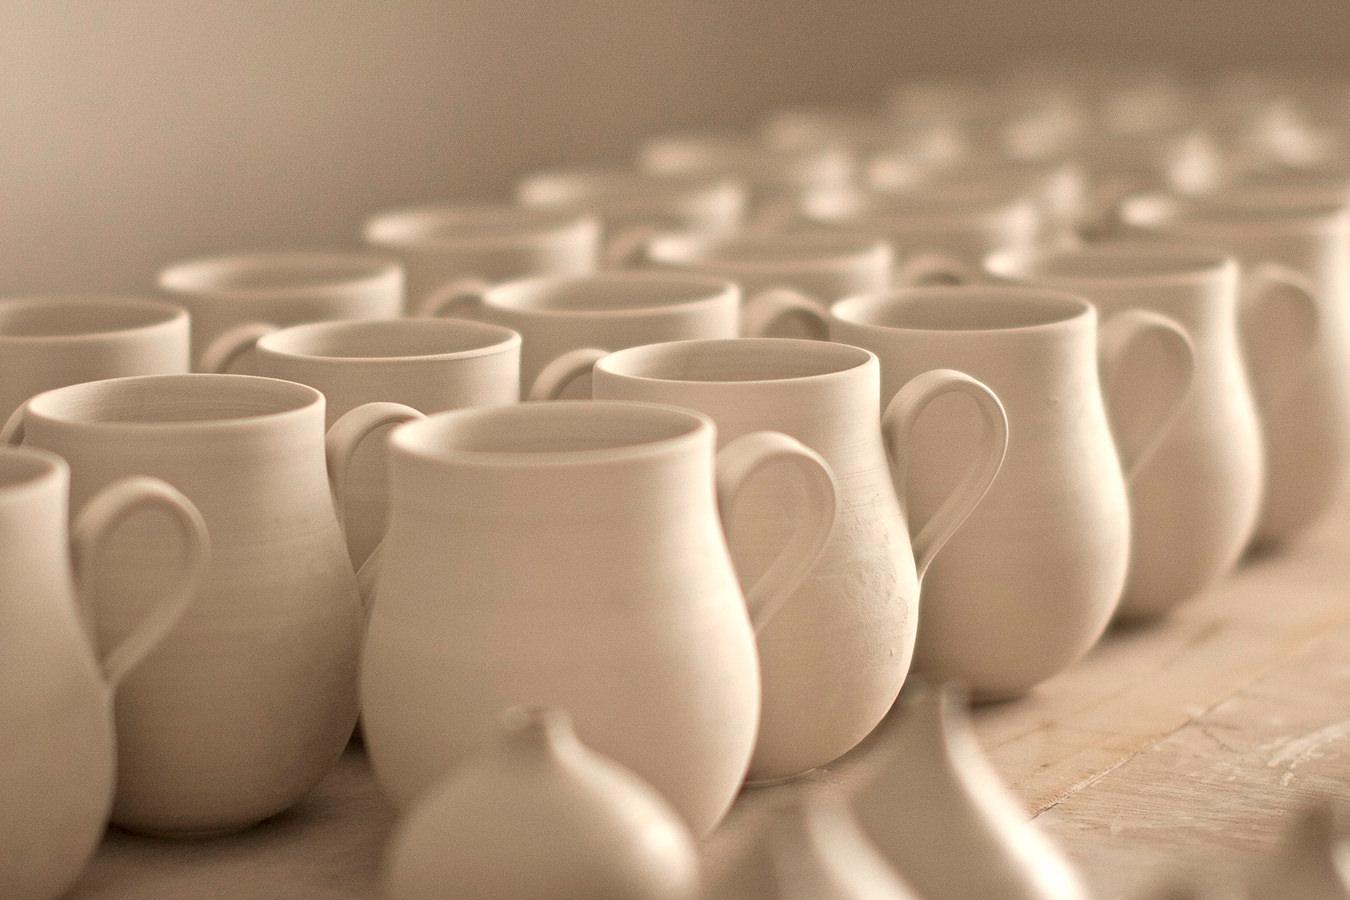 manufaktur-fuer-keramik5895dc7c597e3